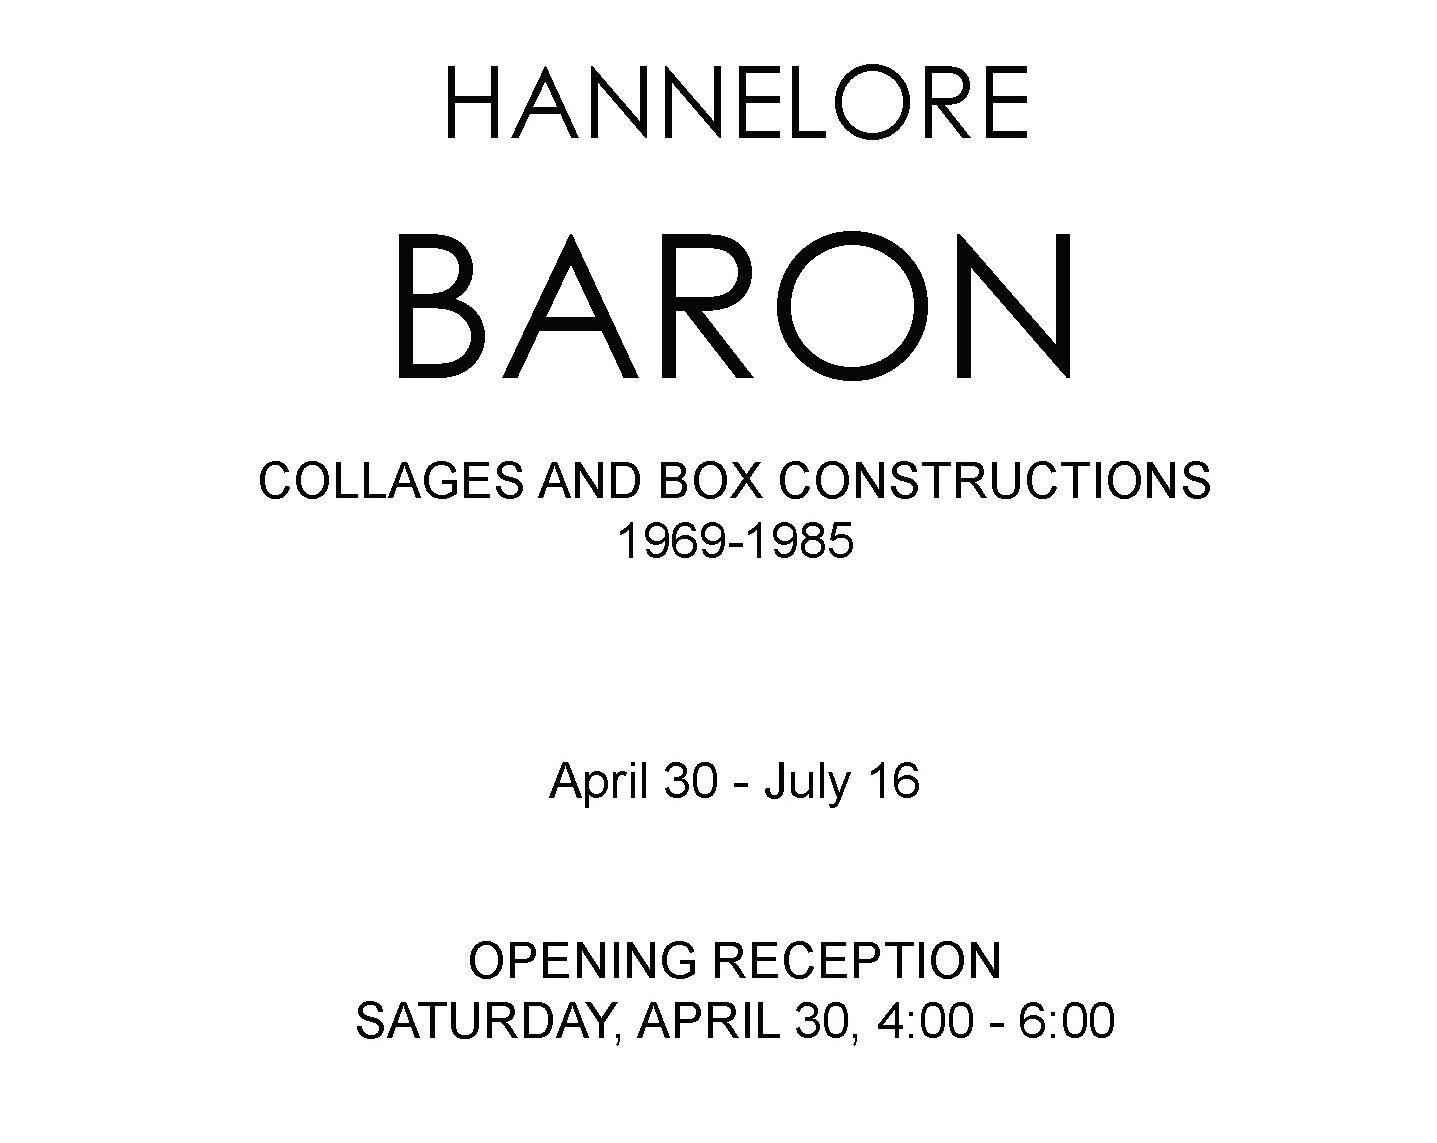 HANNELORE BARON | APRIL 30TH